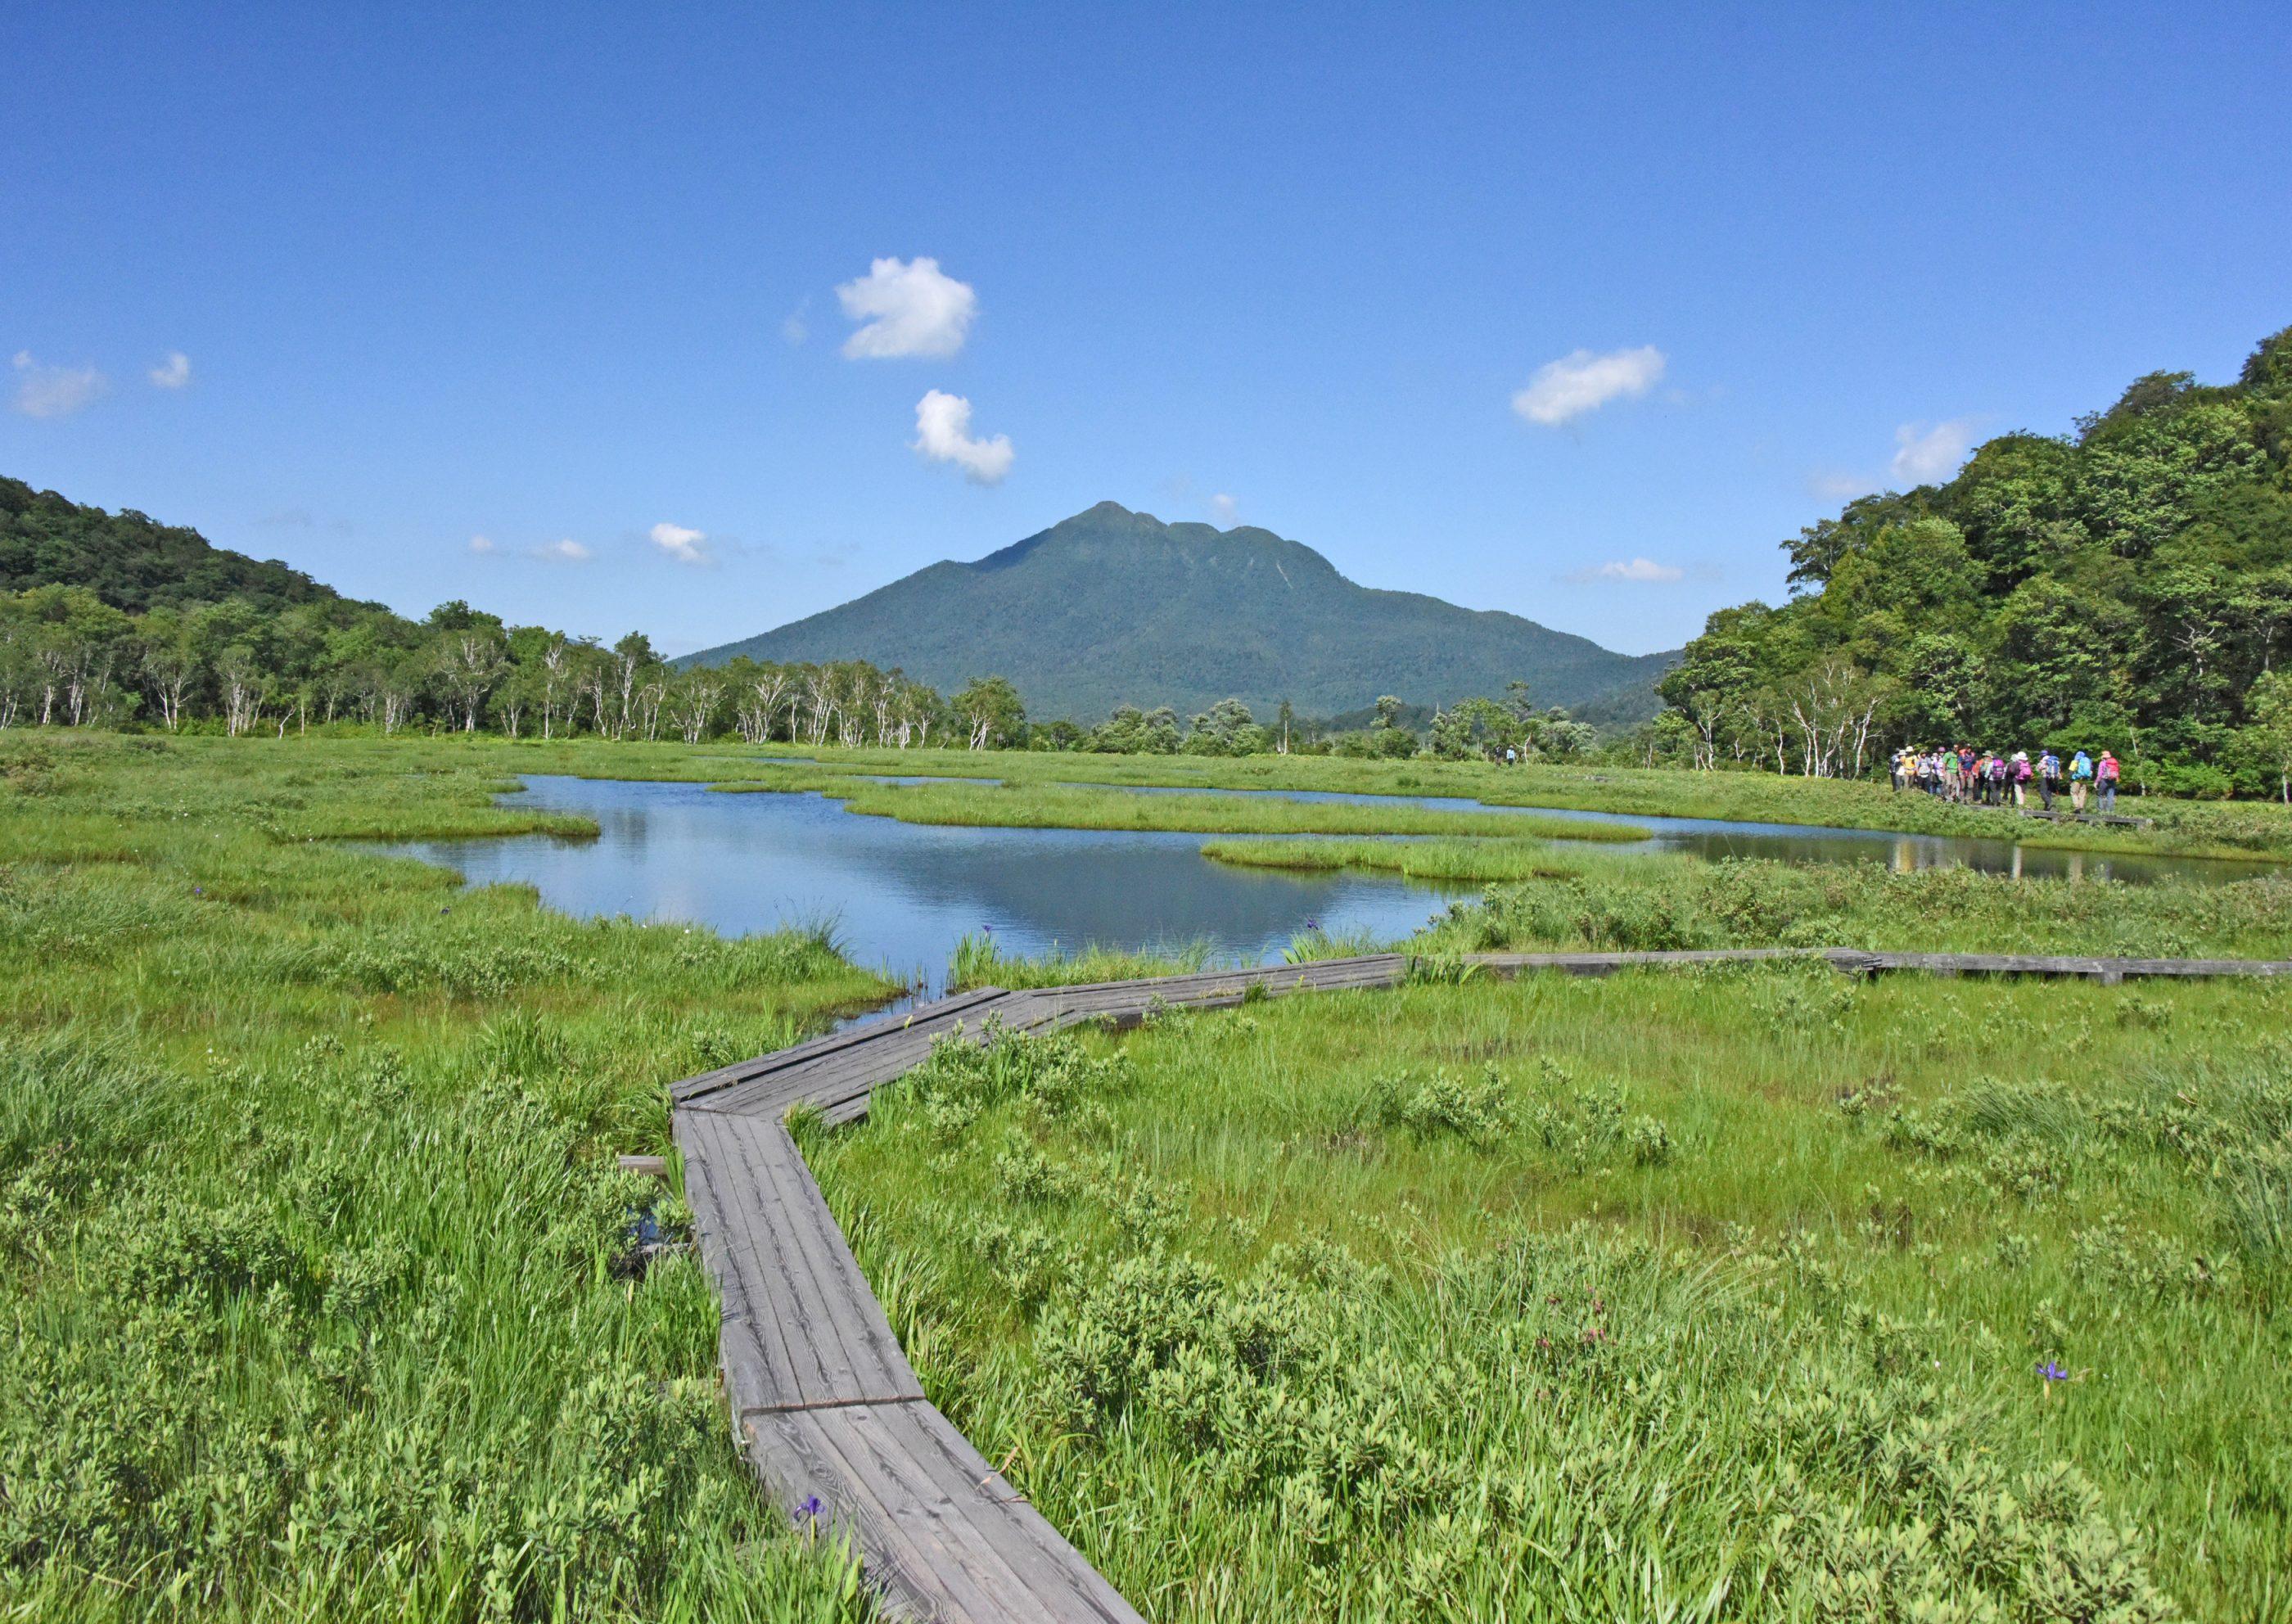 """⇑ 尾瀬の中程に来ると池塘(小さな沼のよう)が沢山有り、その内の大きい所では逆さ"""" 燧"""" を楽しみました。"""